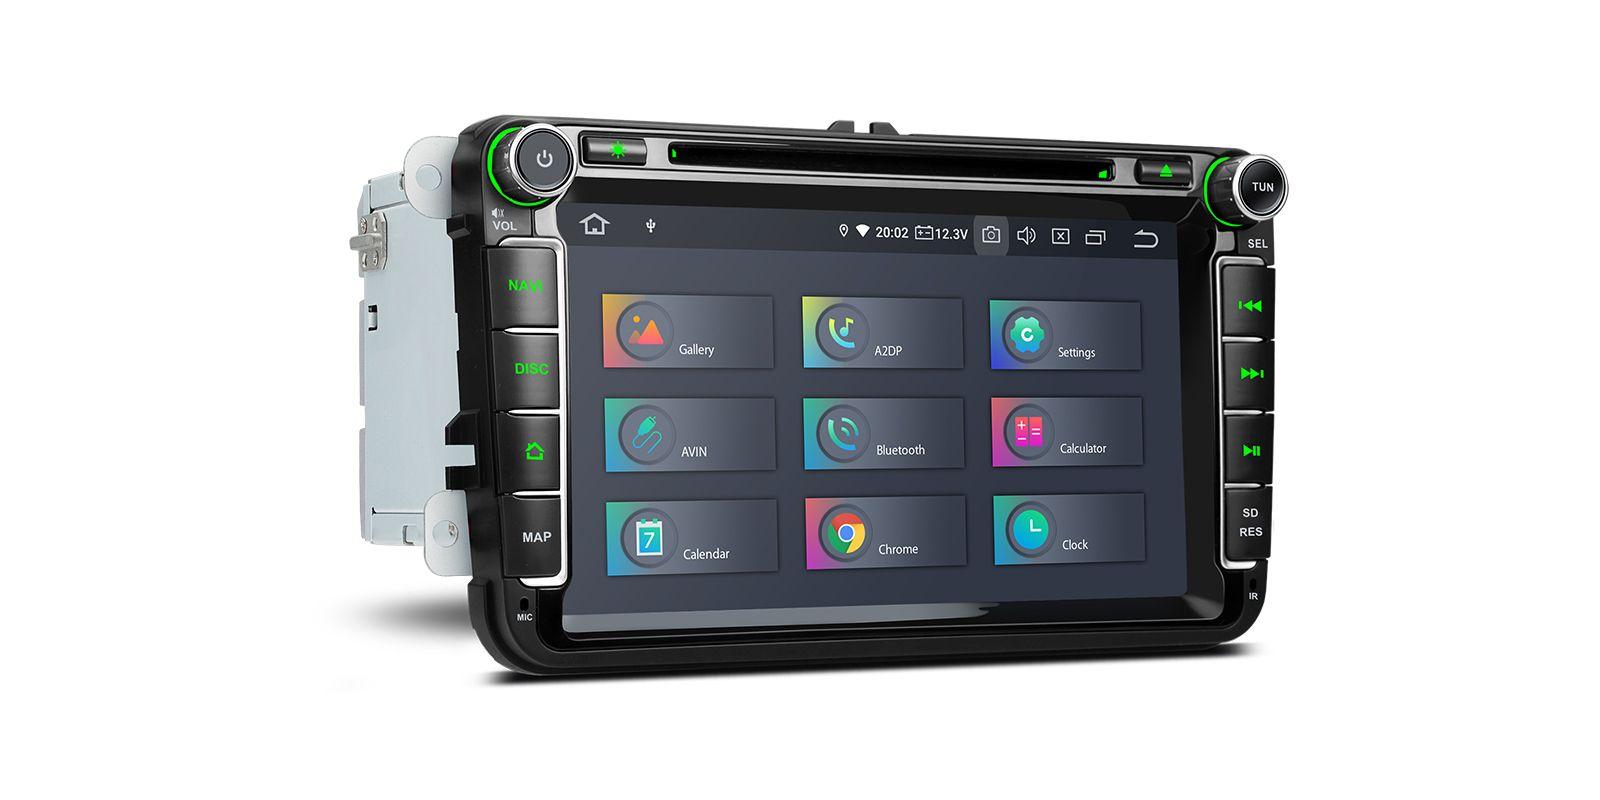 Навигация двоен дин за VW / Skoda / Seat PQ80UNV GPS, ANDROID 10, WiFi, 8